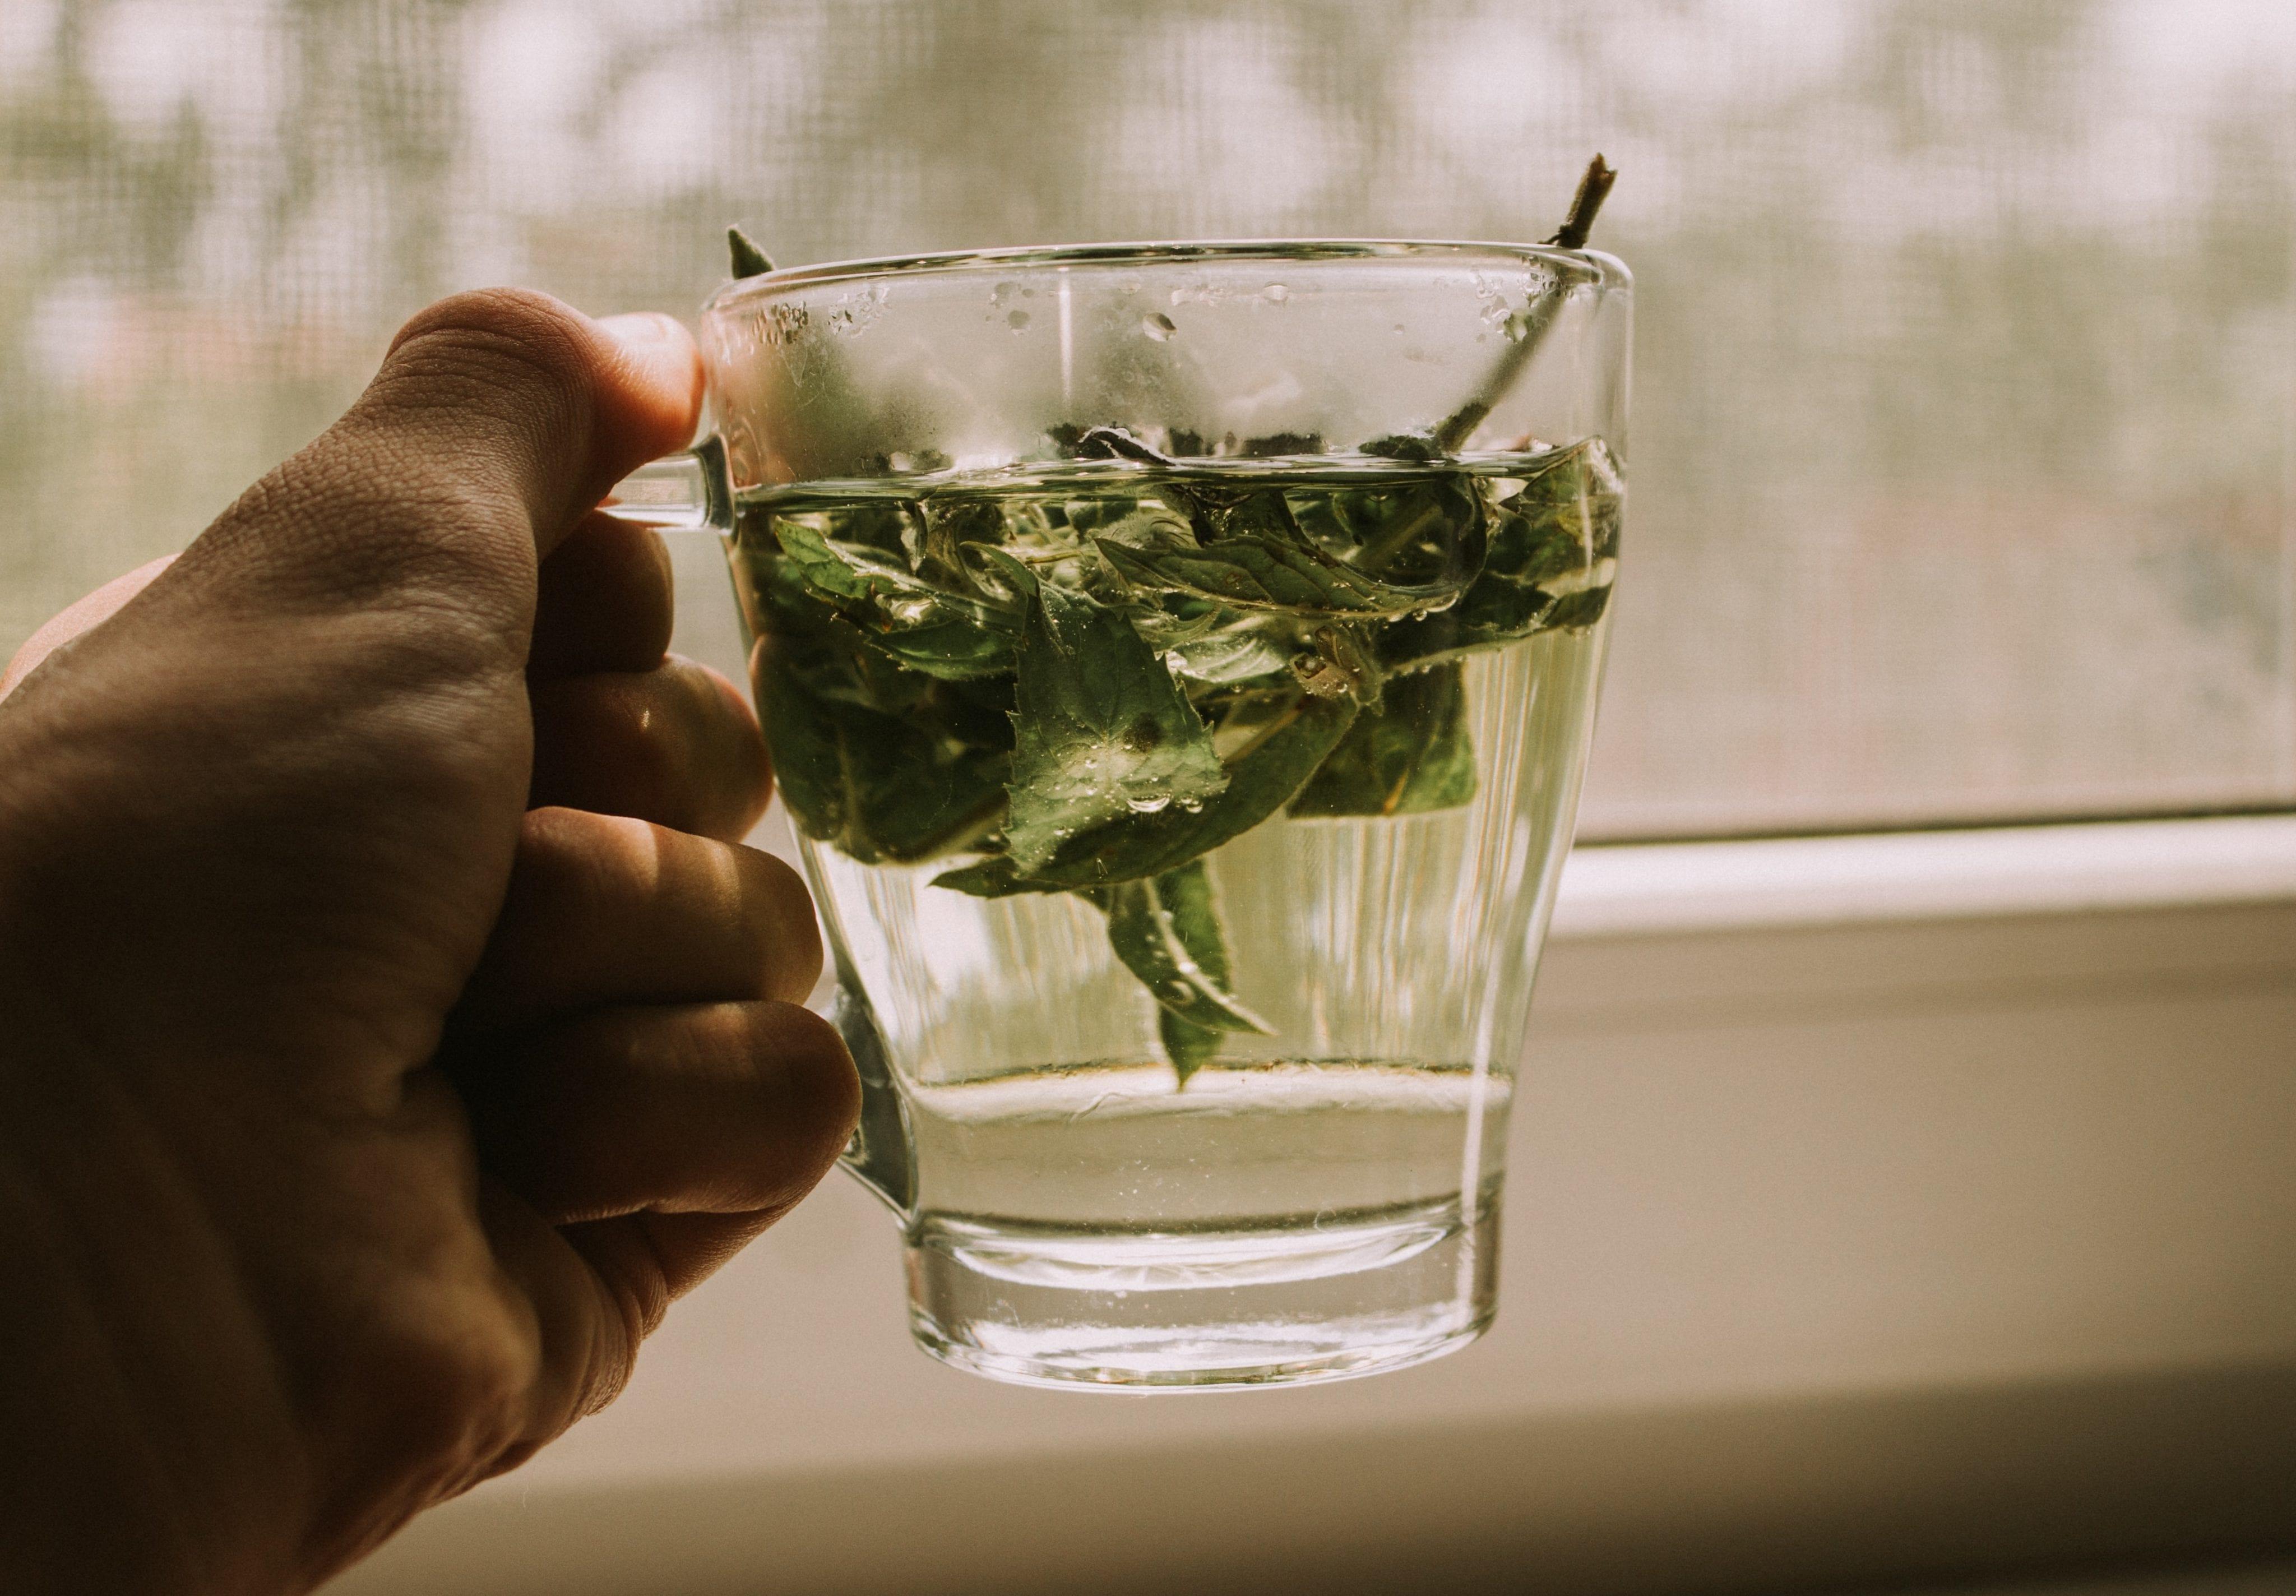 is loose leaf tea expensive?